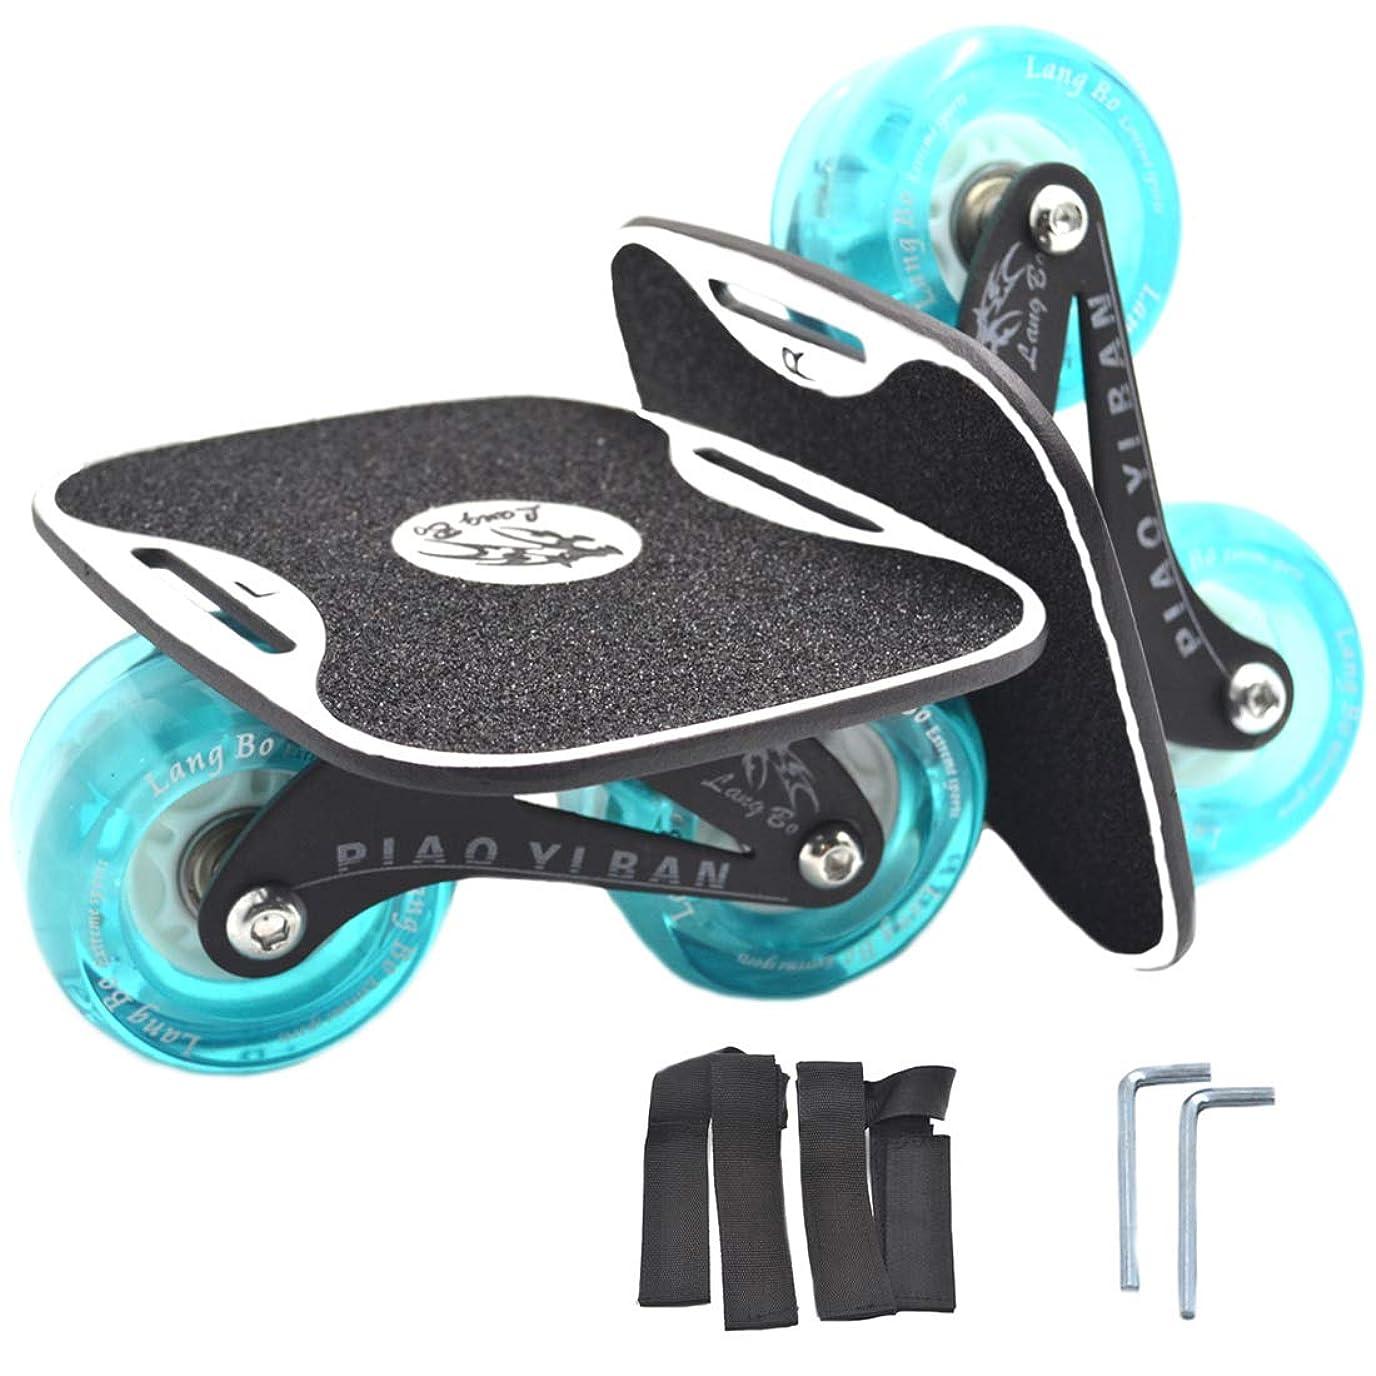 発見する天国権威LangBo 4代 6代 ドリフトスケート フリーラインスケート スケートボード ミニ スケボー インラインスケート ローラースケート のようなトリックも可能 専用工具とベルト付き アルミ合金板 滑り止め 初心者向け ウィール青色発光と非発光2種類があり